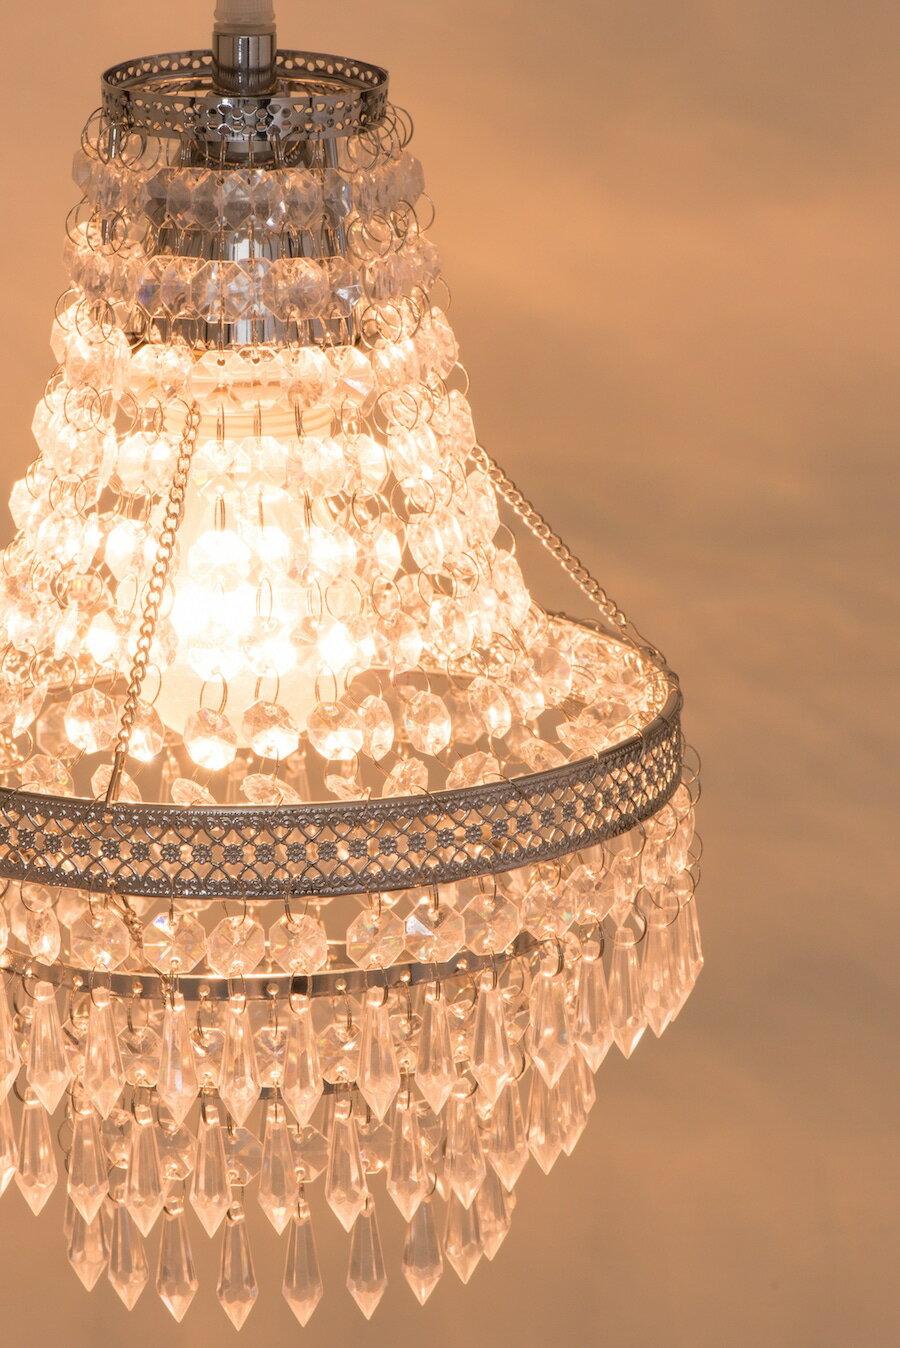 鍍鉻色華麗透明壓克力珠吊燈-BNL00022 8